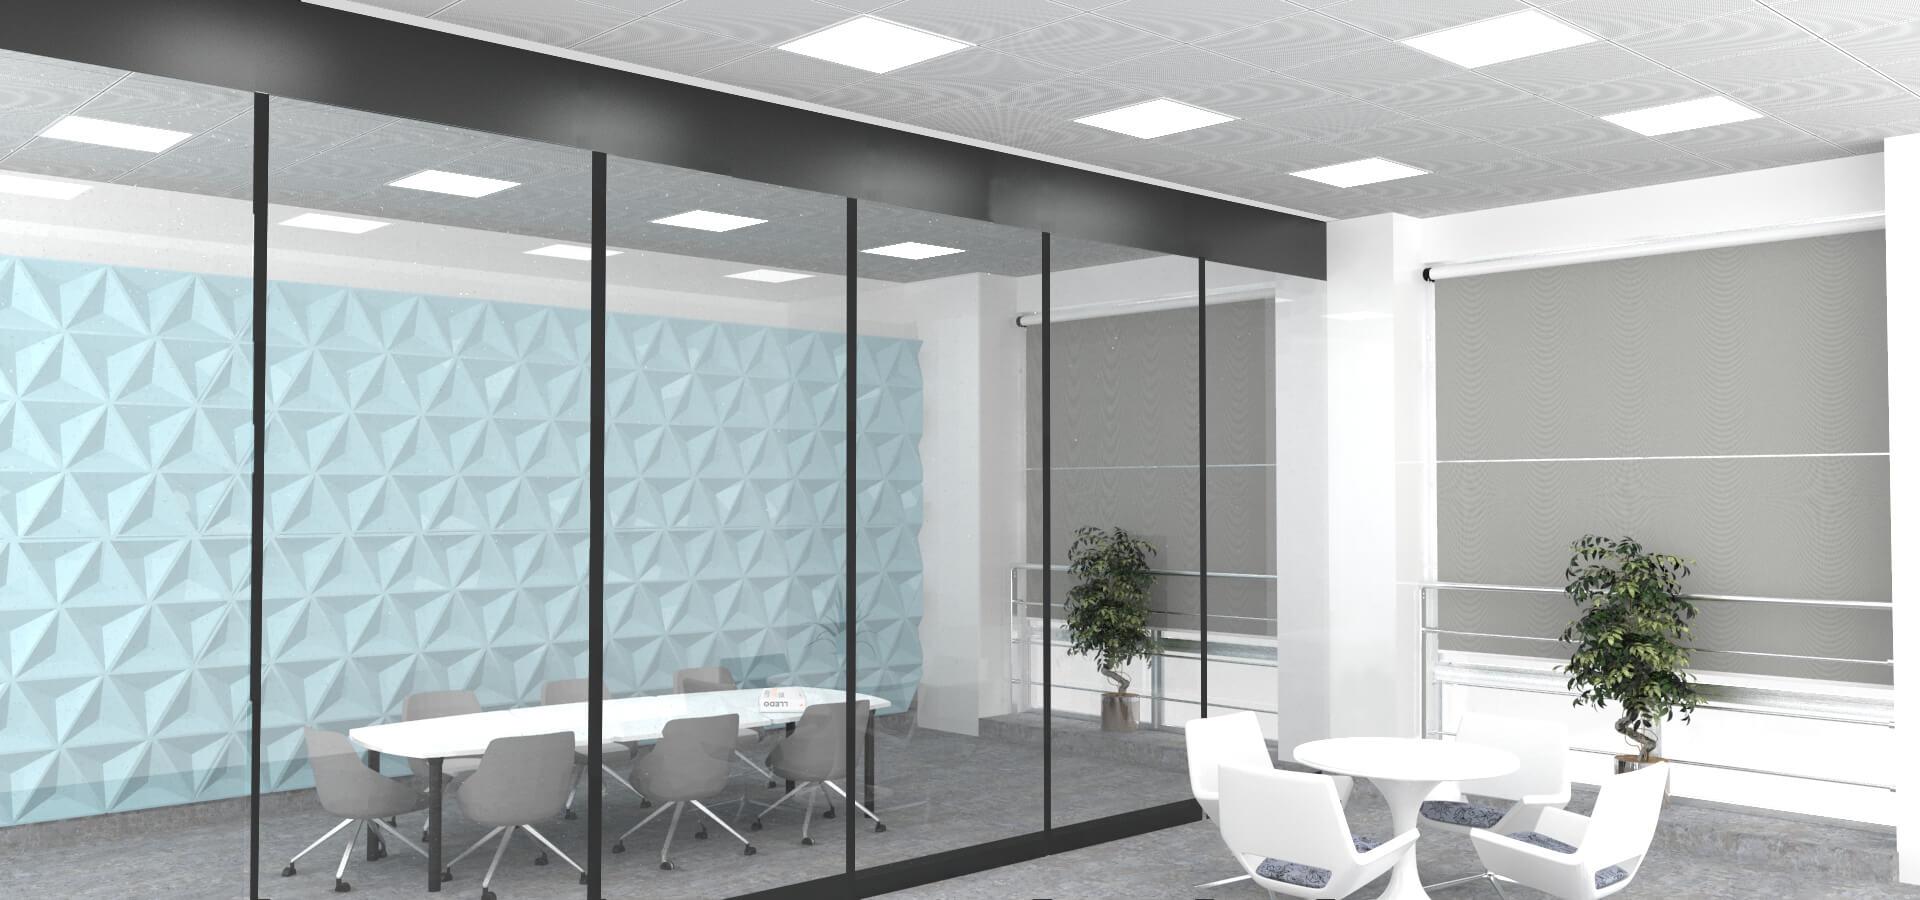 Proyecto de iluminación de oficinas con Lledó Snow